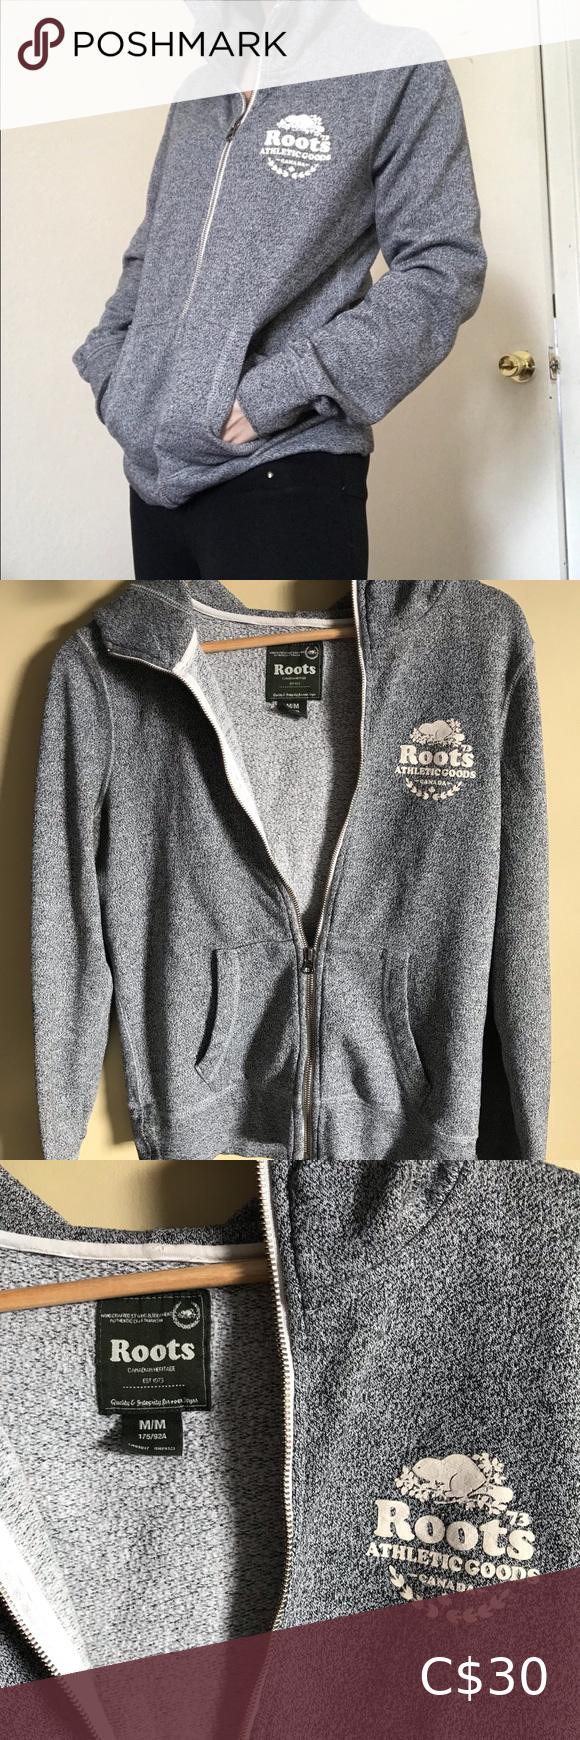 ROOTS hoodie in 2020 Hoodies, Fashion, Grey hoodie